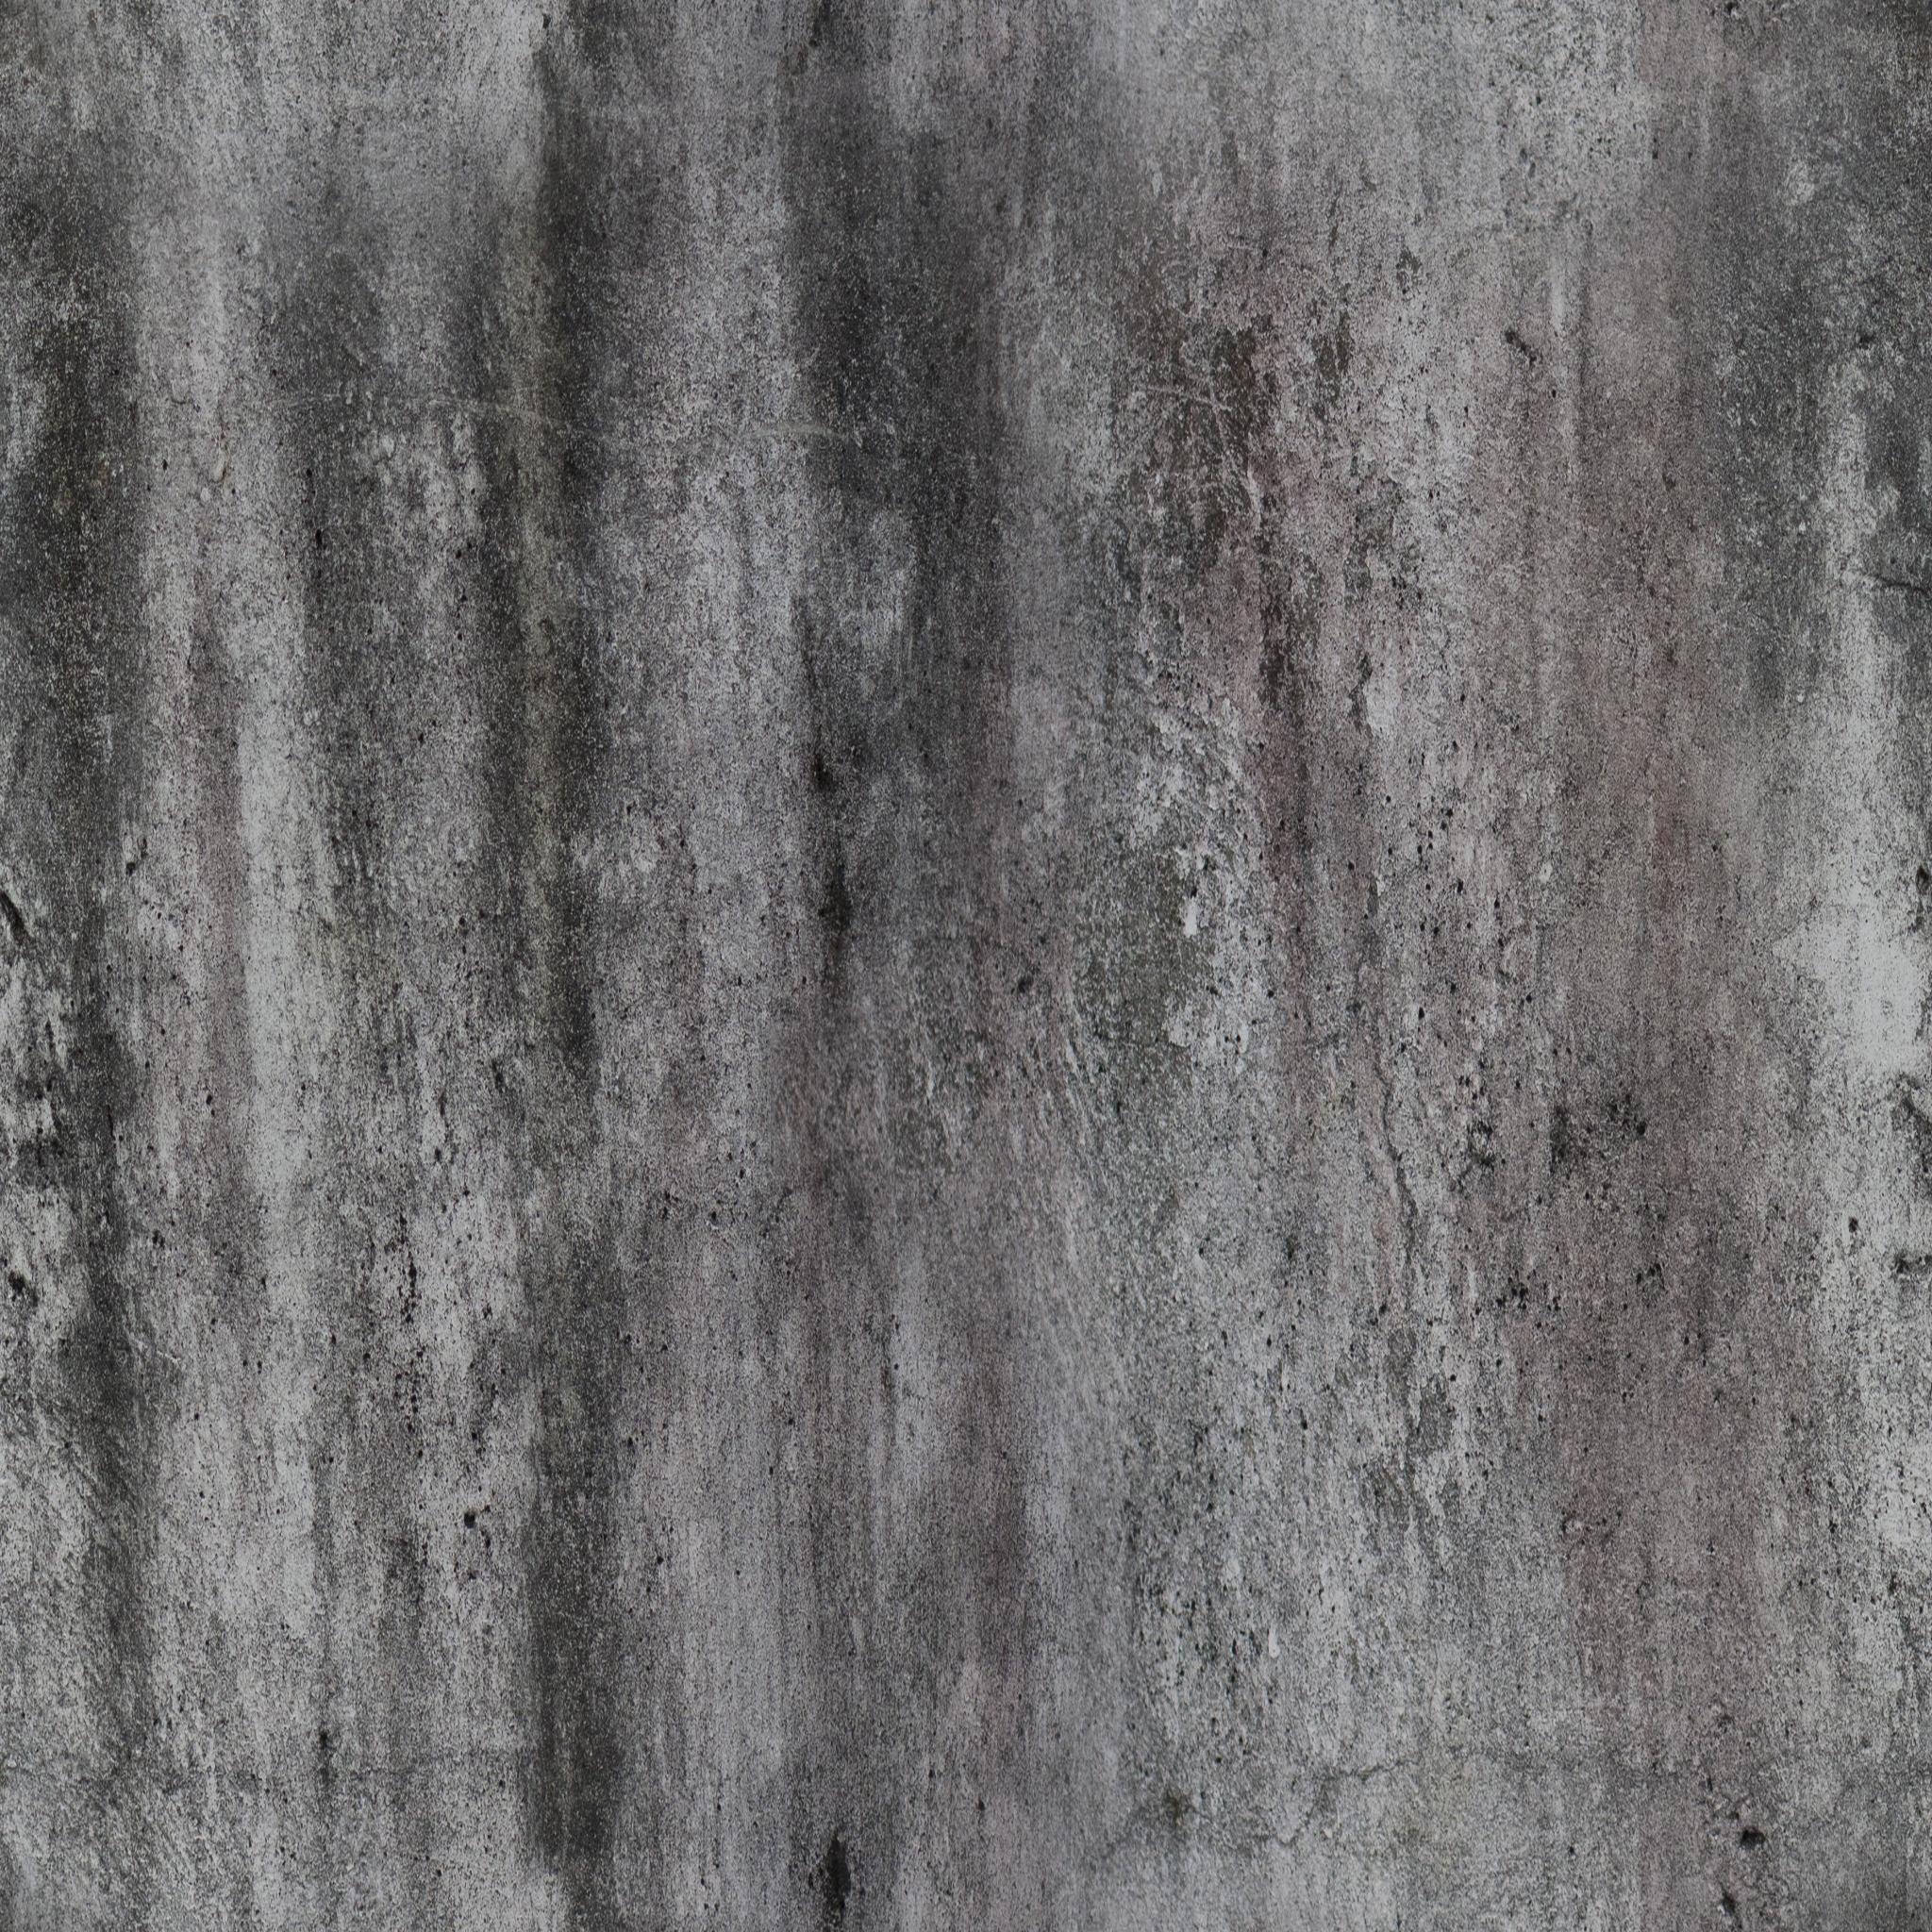 Dark Black Stained Concrete.jpg